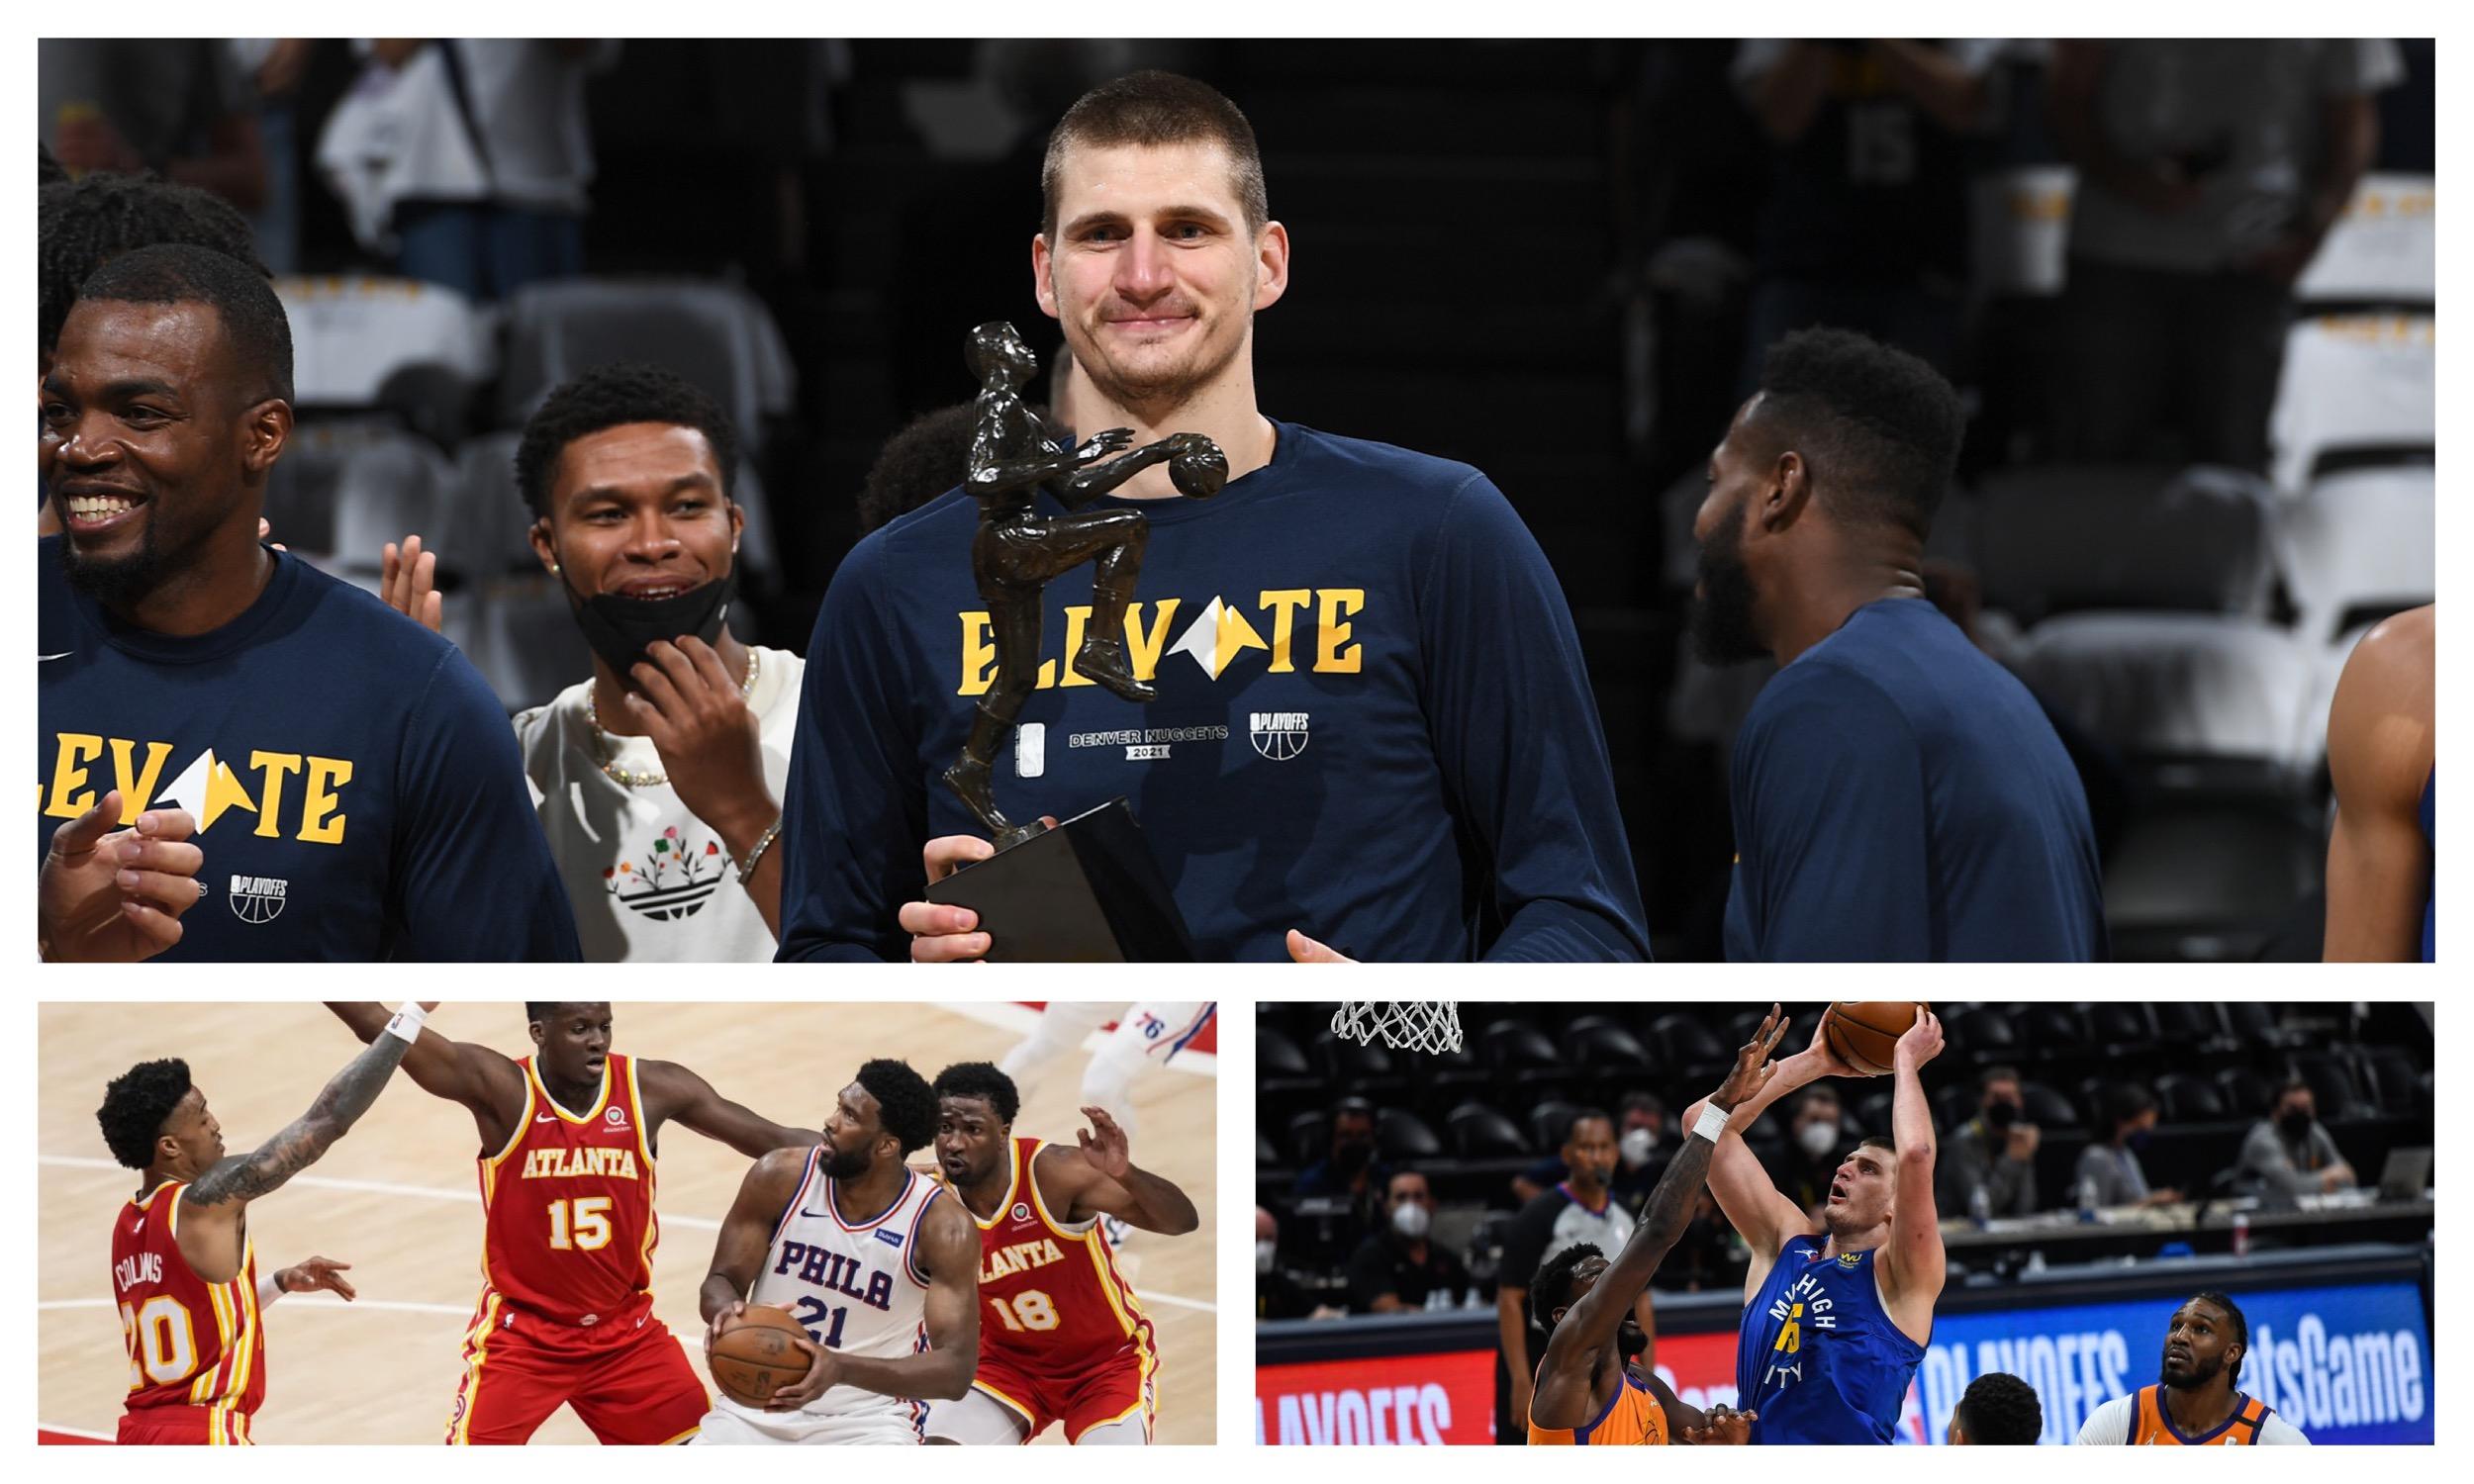 MVP Jokić upisao tripl dabl u porazu od Finiksa, starteri Denvera na nivou ABA lige (VIDEO)